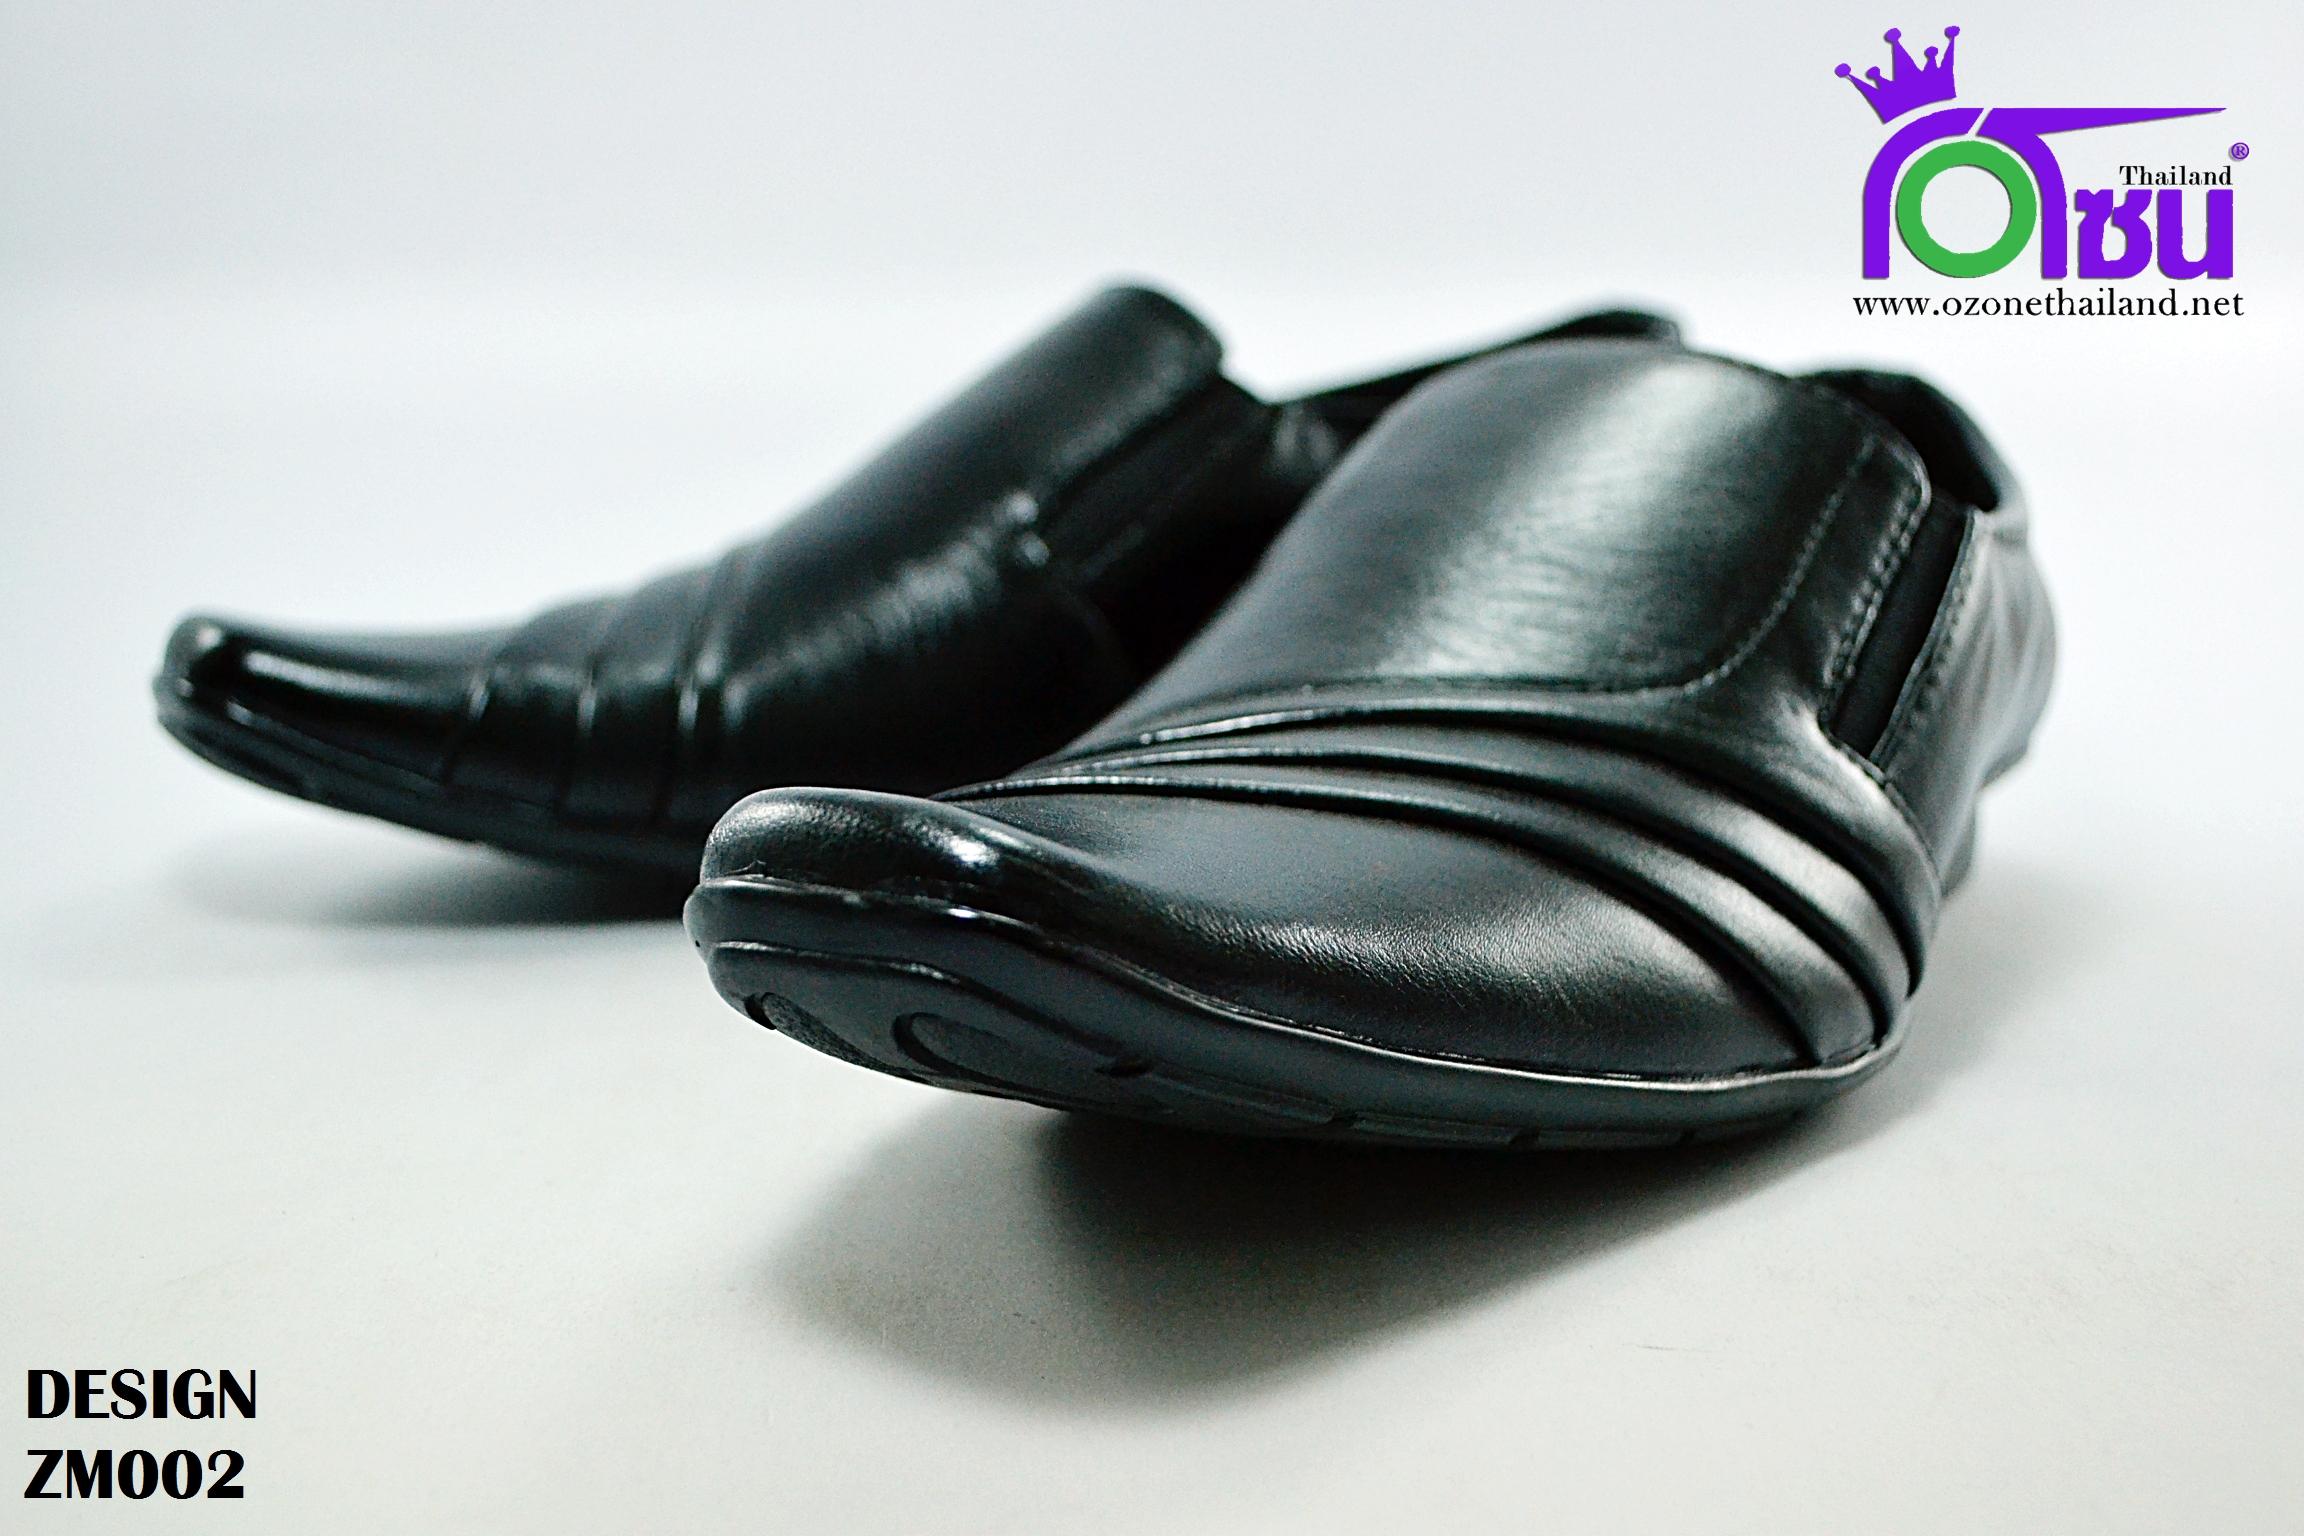 รองเท้าคัทชูดำ design ดีไซน์ รุ่น BZ002 เบอร์ 40-44